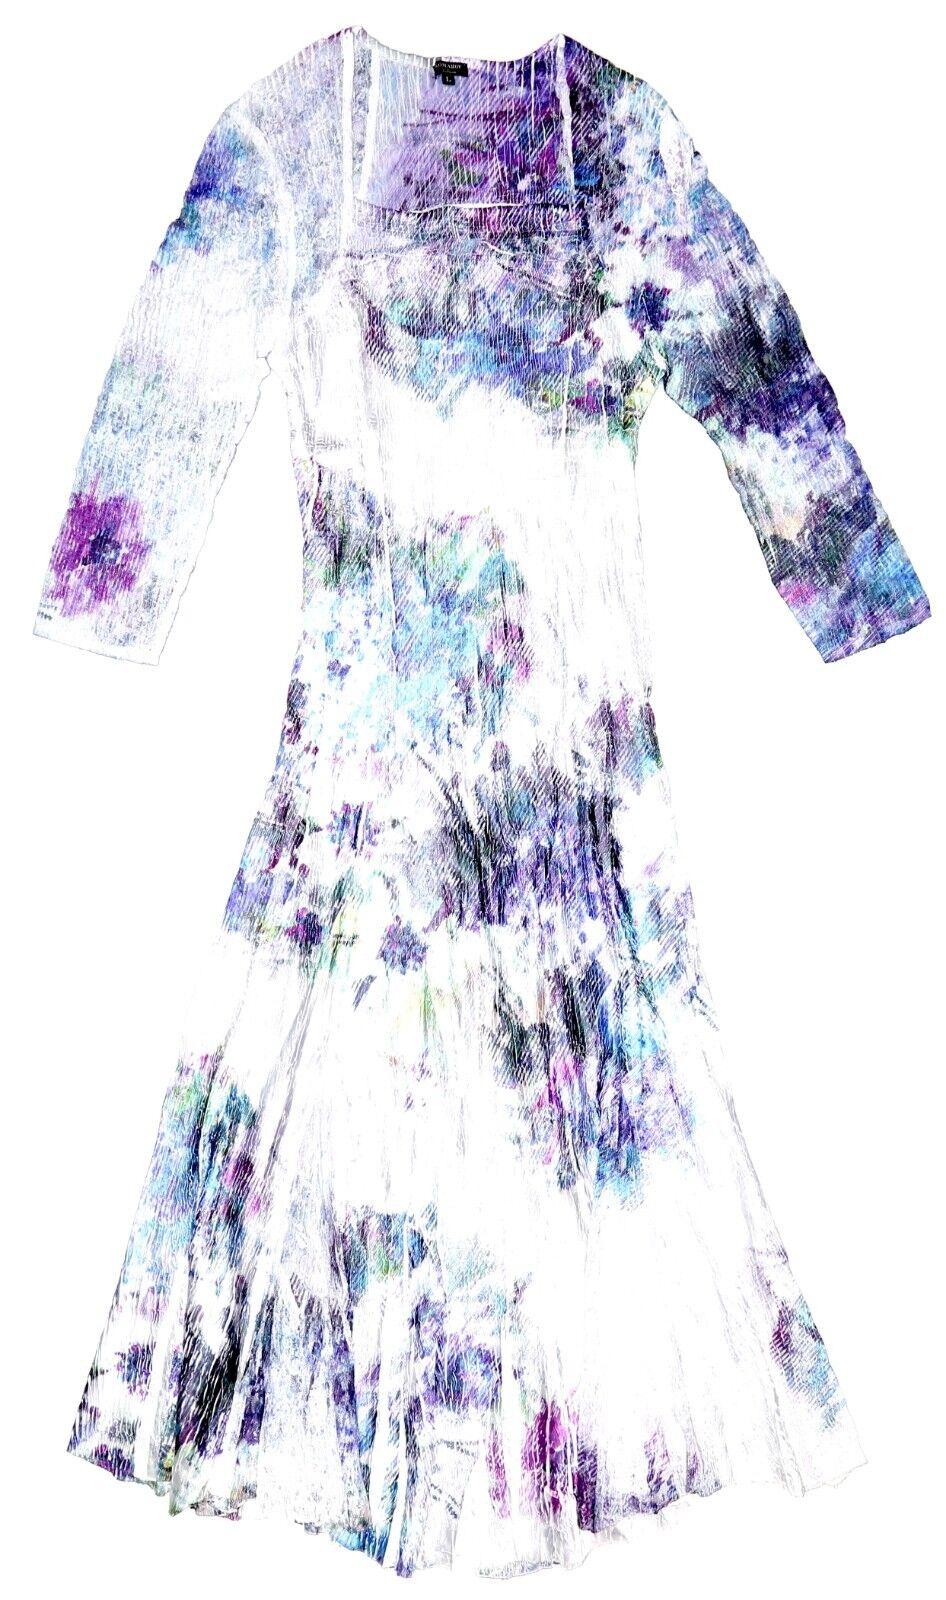 Komarov Para Mujer Púrpura Multi una línea vestido  SZ L 4313  Con 100% de calidad y servicio de% 100.